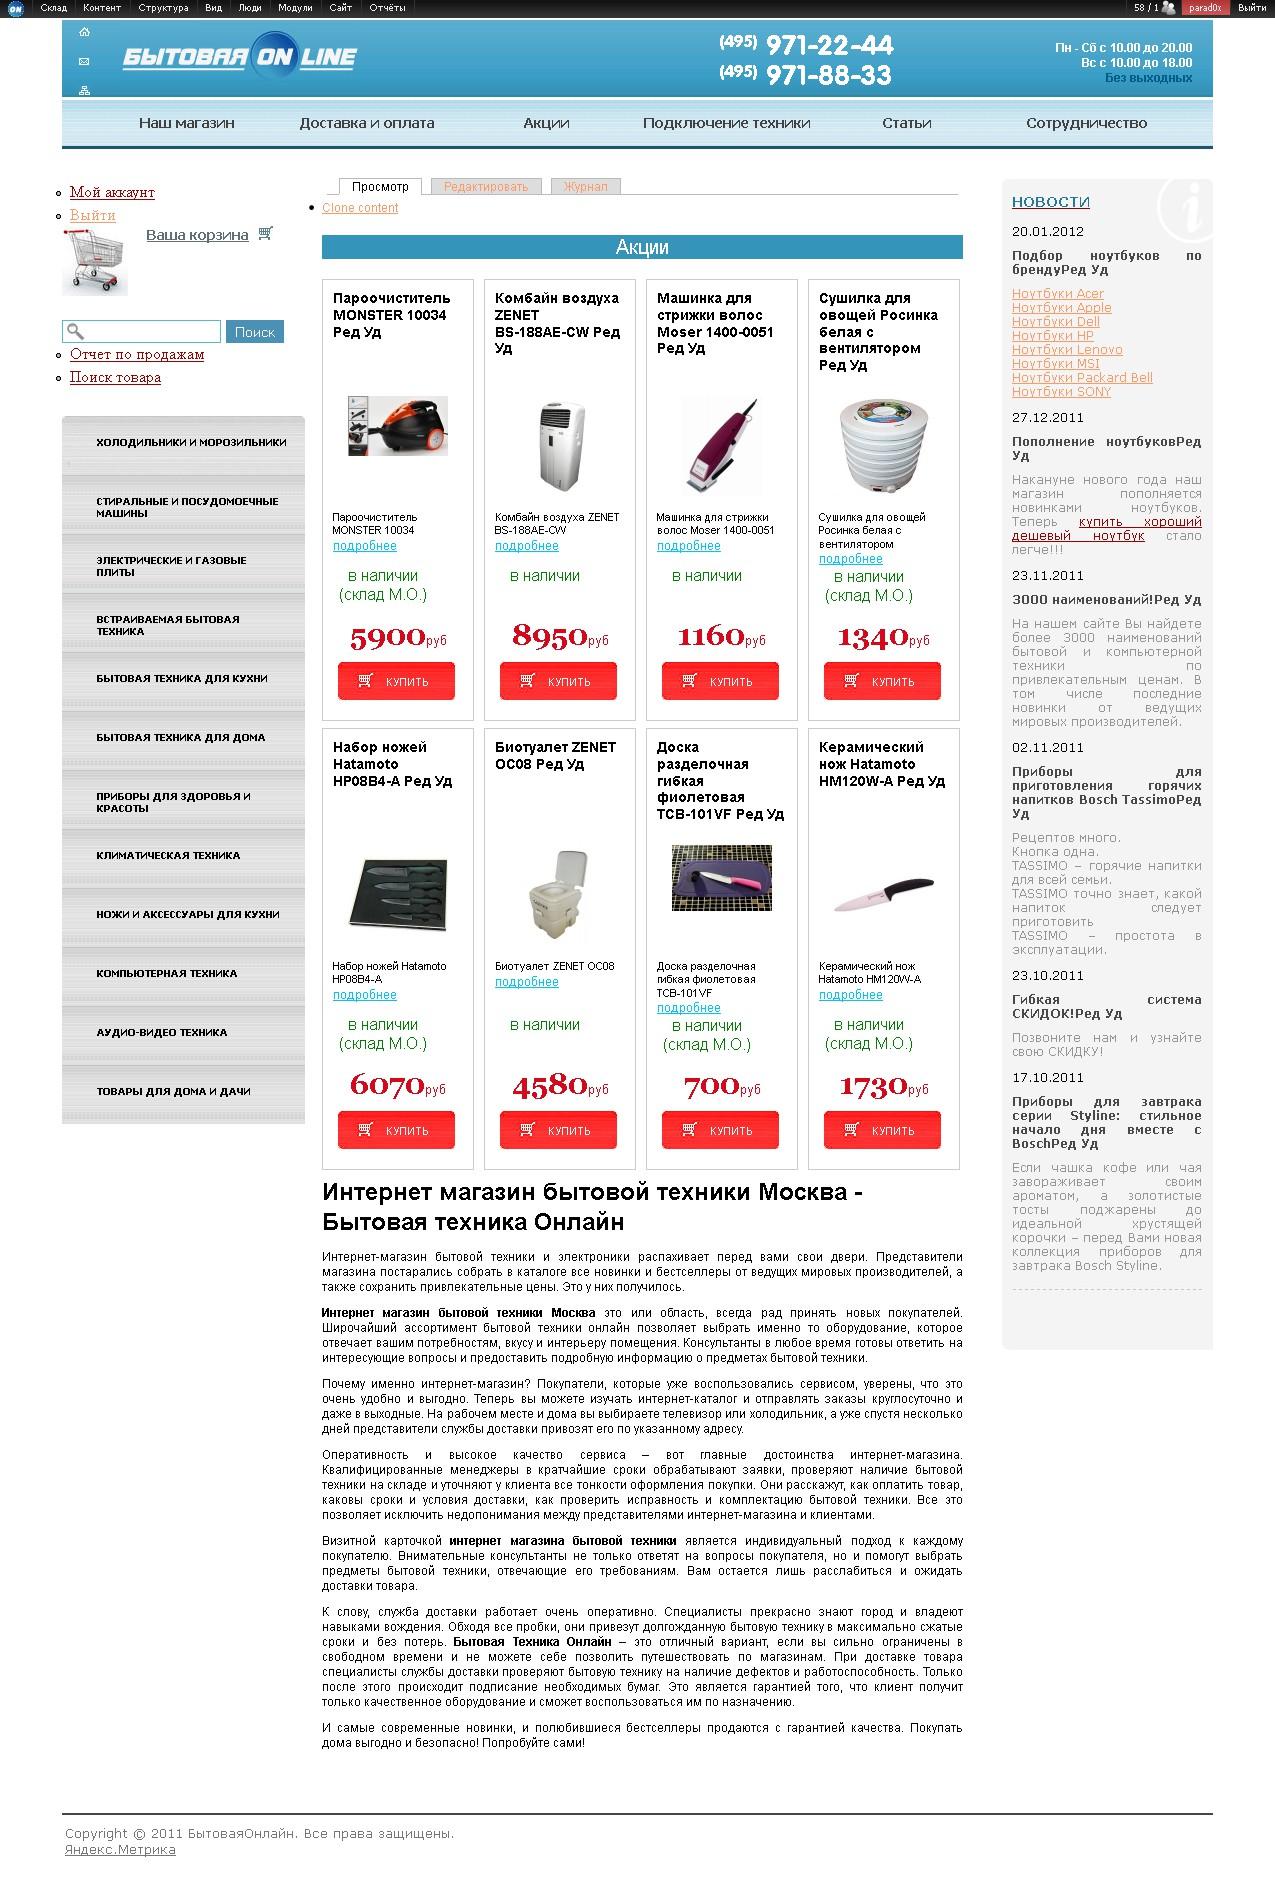 Перенос Интернет-магазина с CMS Bitrix на CMS Drupal